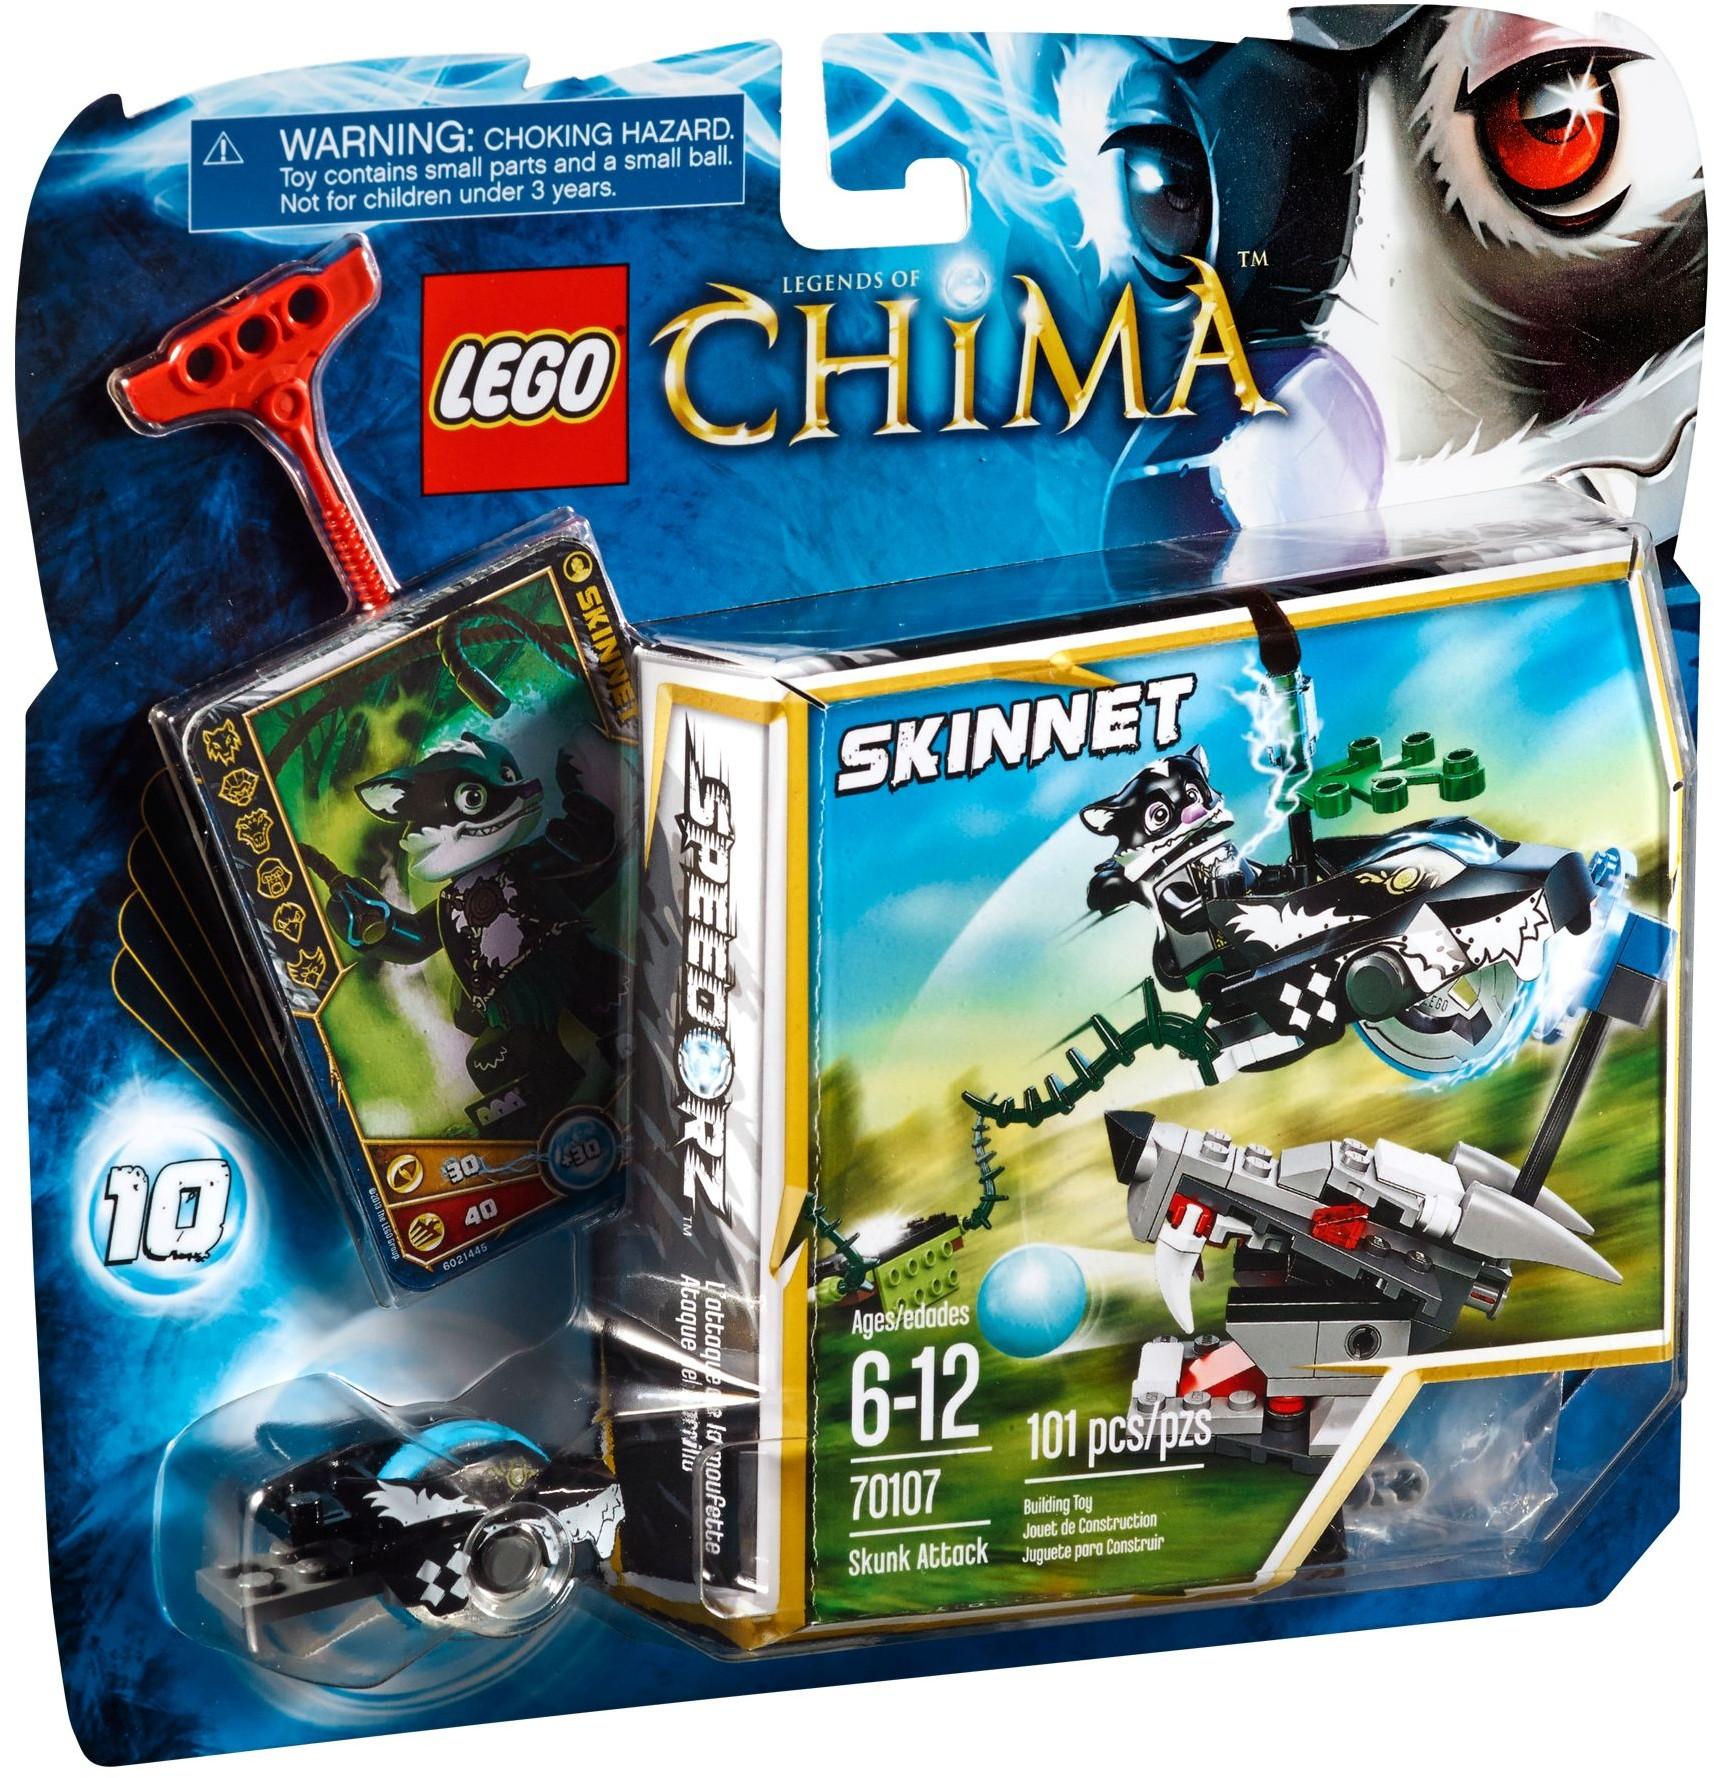 Lego chima 70107 pas cher l 39 expulsion chi - Image de lego chima ...